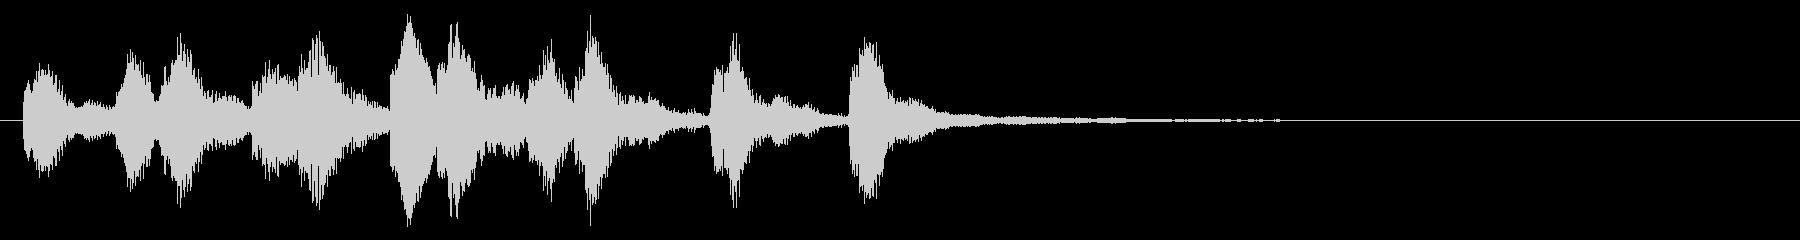 のほほんジングル033_コミカルの未再生の波形